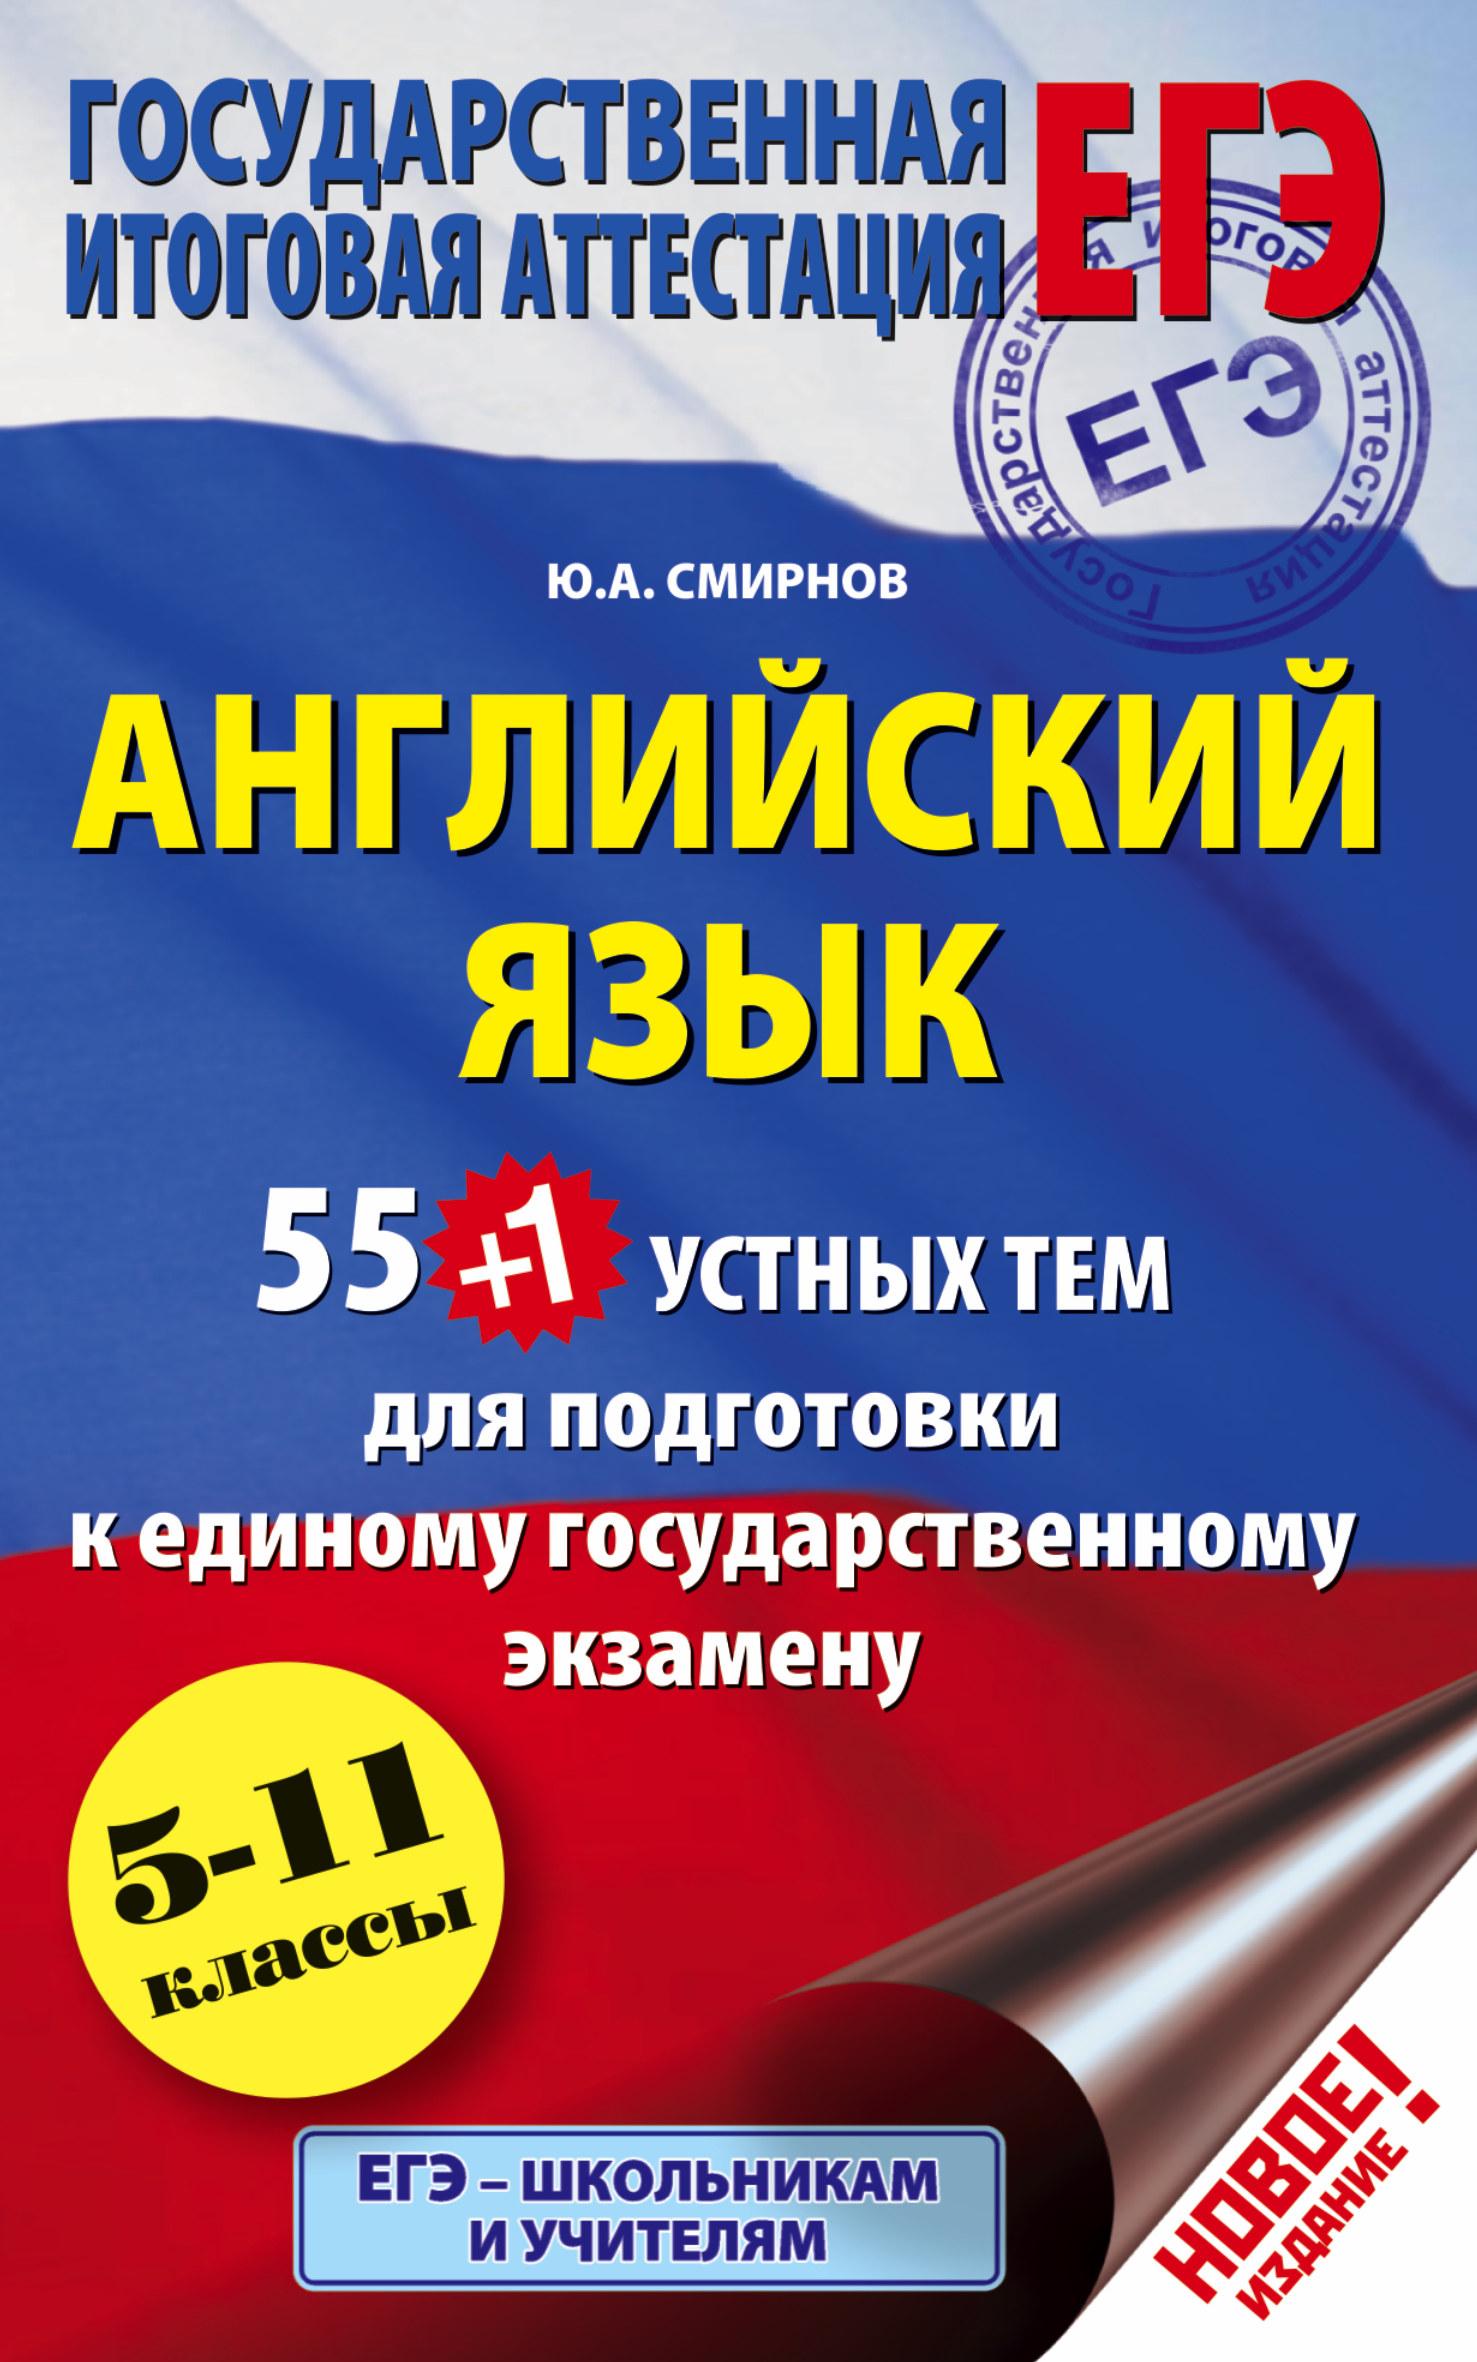 ЕГЭ. Английский язык. 55 (+1) устных тем по английскому языку для подготовки к урокам в 5-11 классах